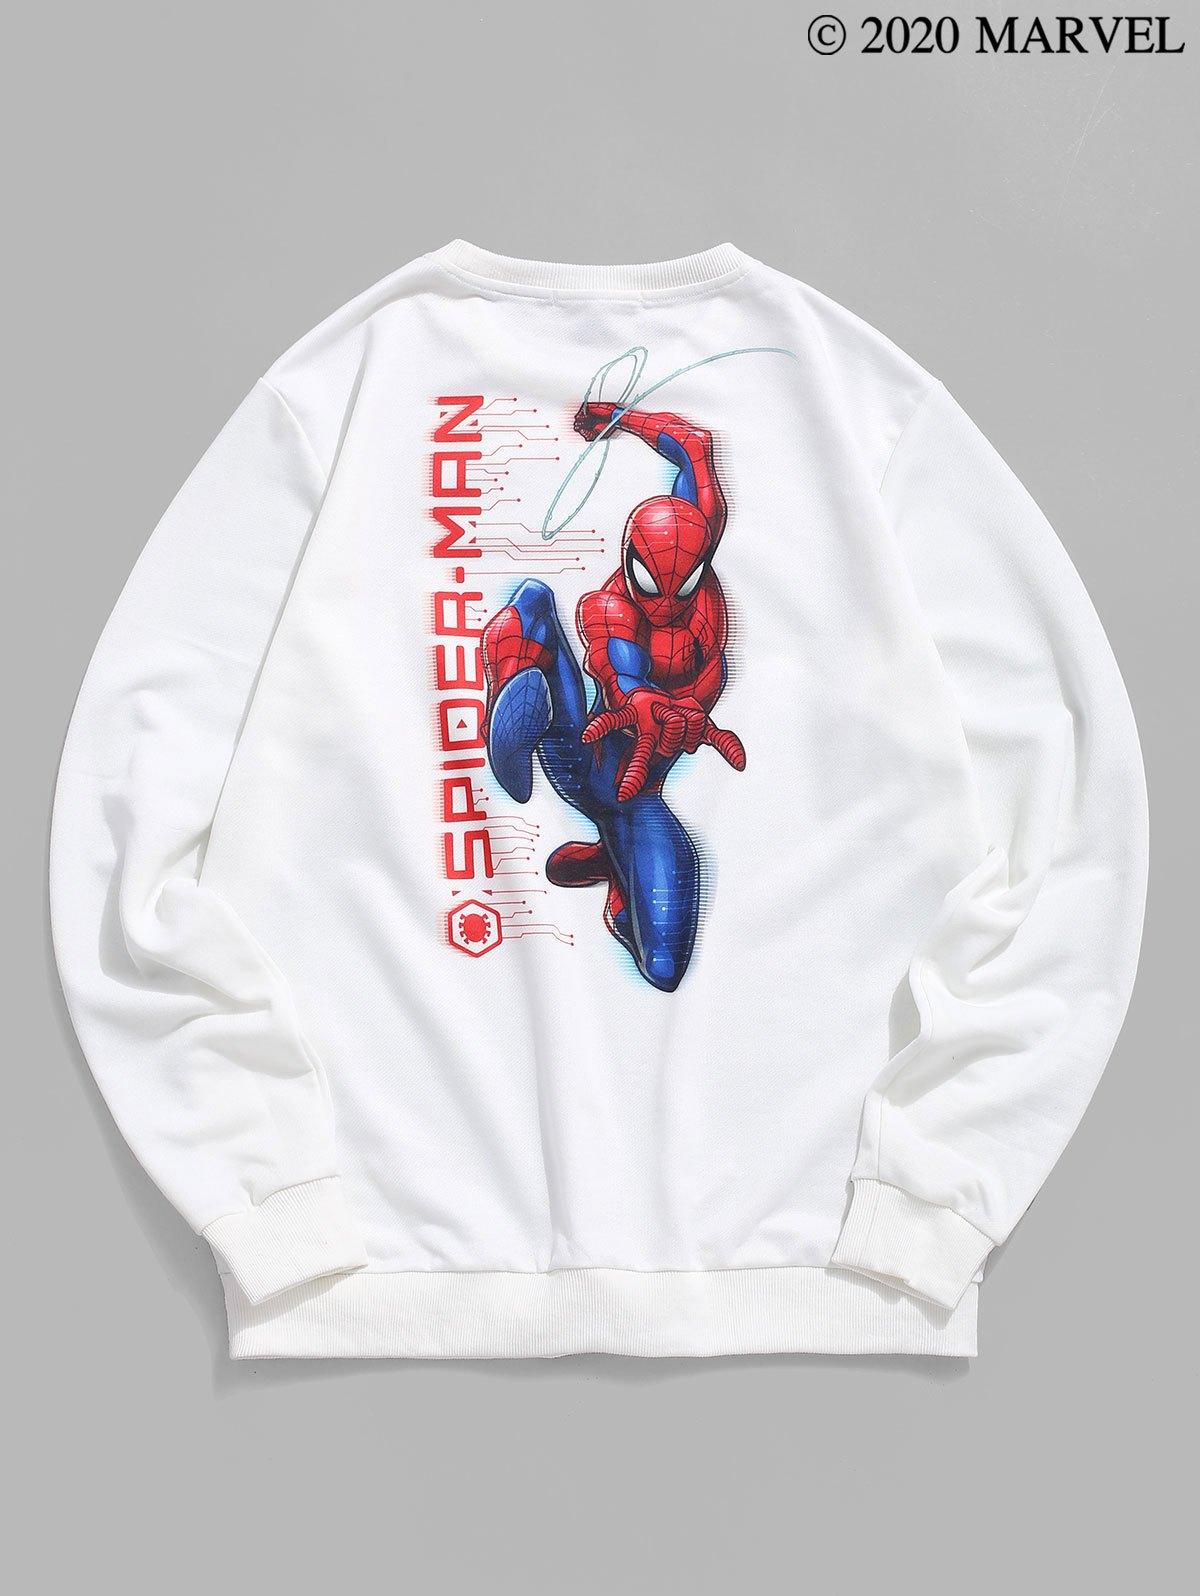 Marvel Spider-Man Graphic Print Pullover Sweatshirt